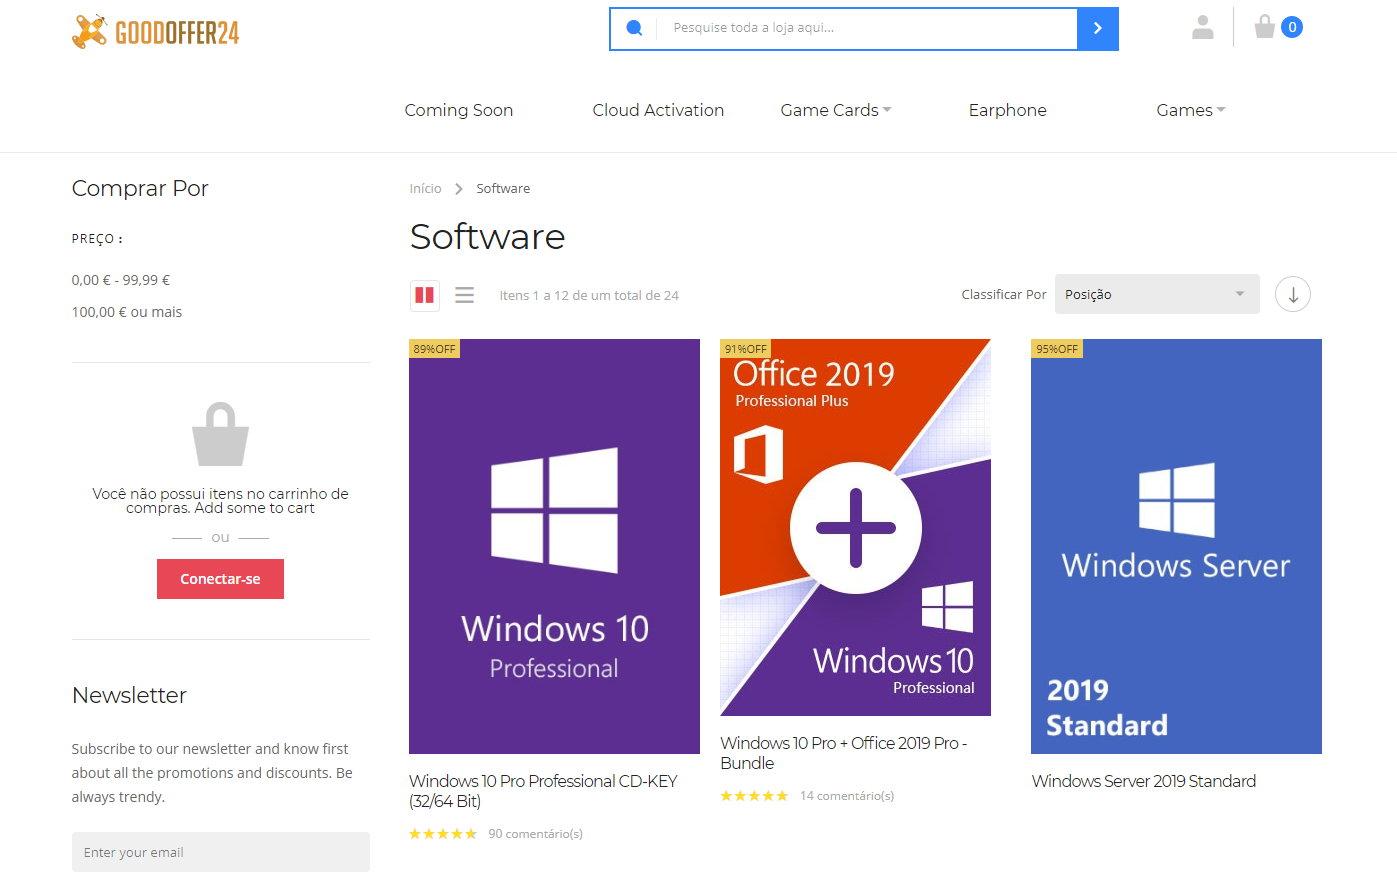 Windows 10 e Office 2019 tornam-se ainda mais interessantes - Pplware